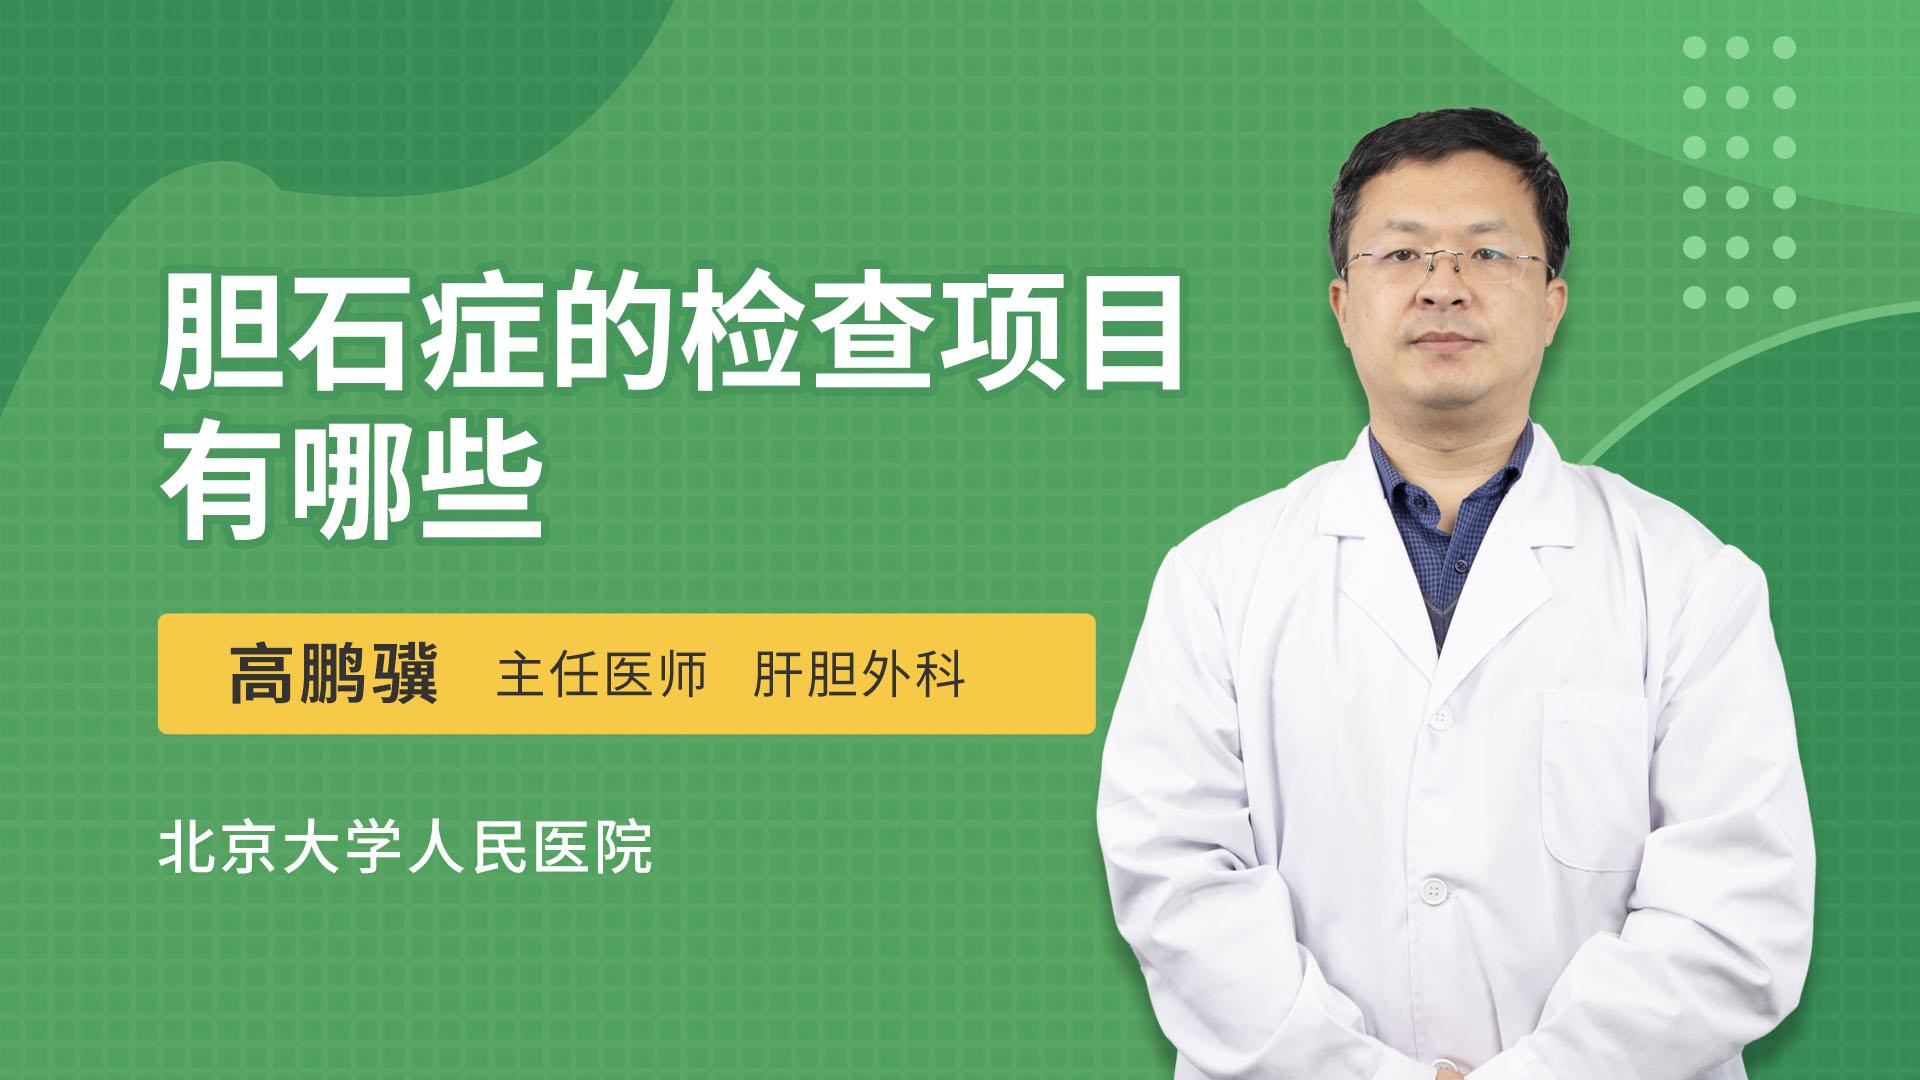 胆石症的检查项目有哪些